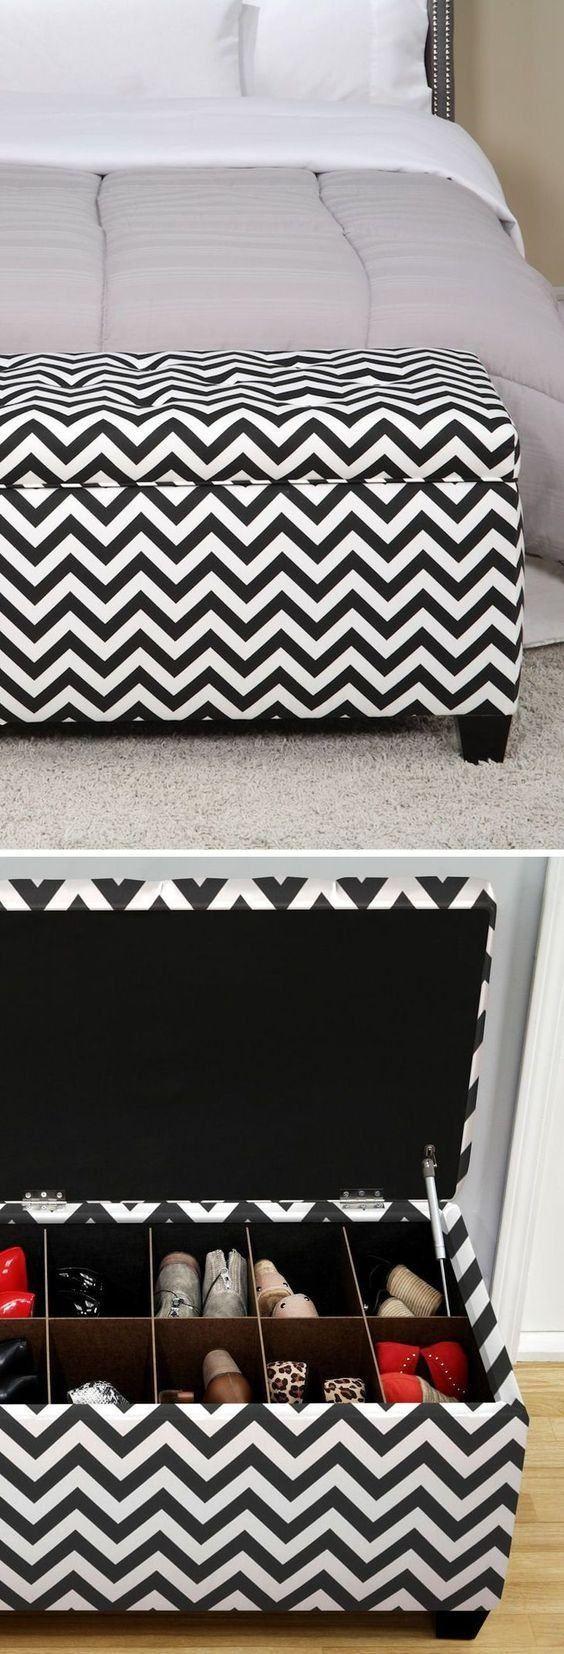 Confira nossa seleção com 50 fotos de quartos de casal pequenos e simples inspiradores para sua decoração.